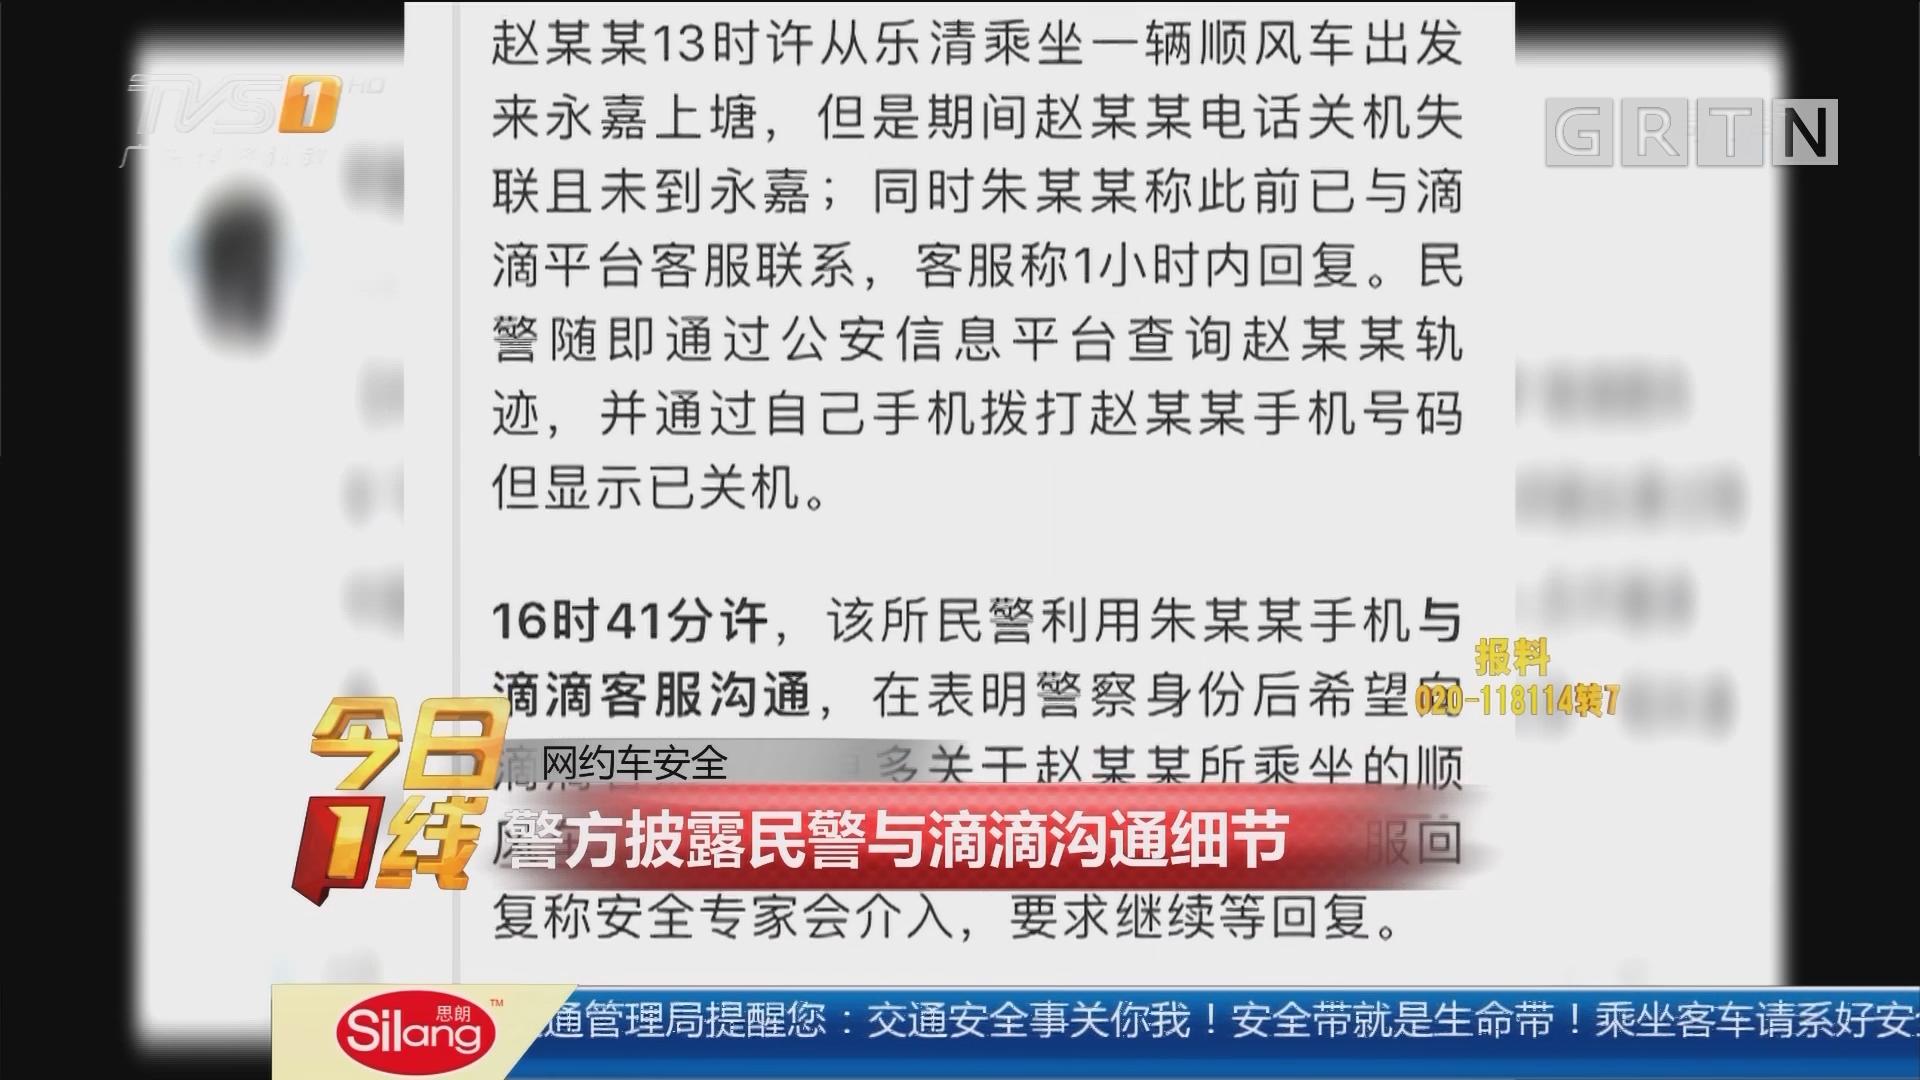 网约车安全:警方披露民警与滴滴沟通细节